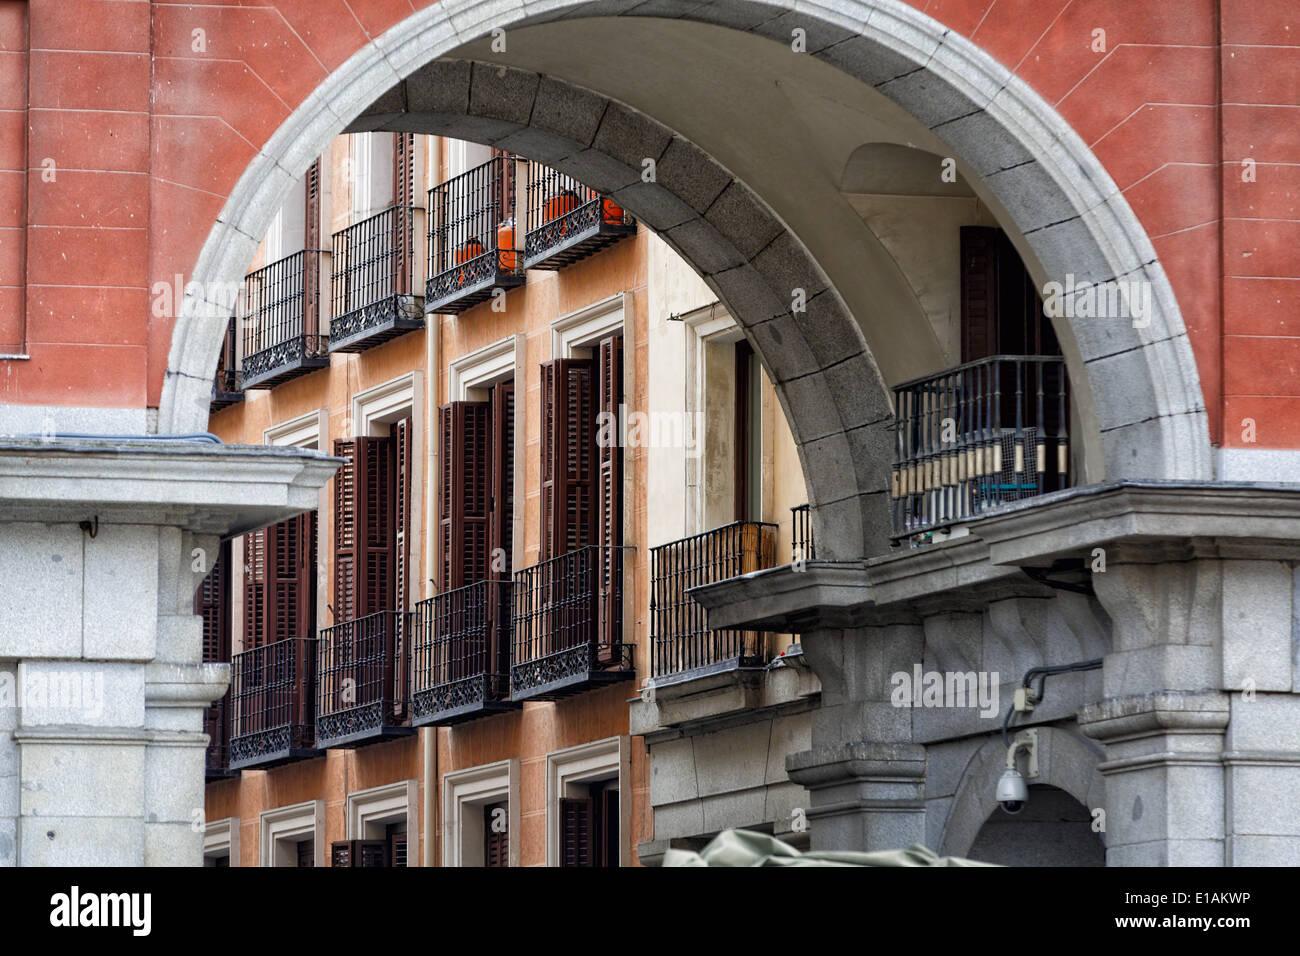 Balkone und Fenster mit Fensterläden, betrachtet durch einen Bogen von einem Gebäude, Plaza Mayor, Madrid, Spanien Stockbild